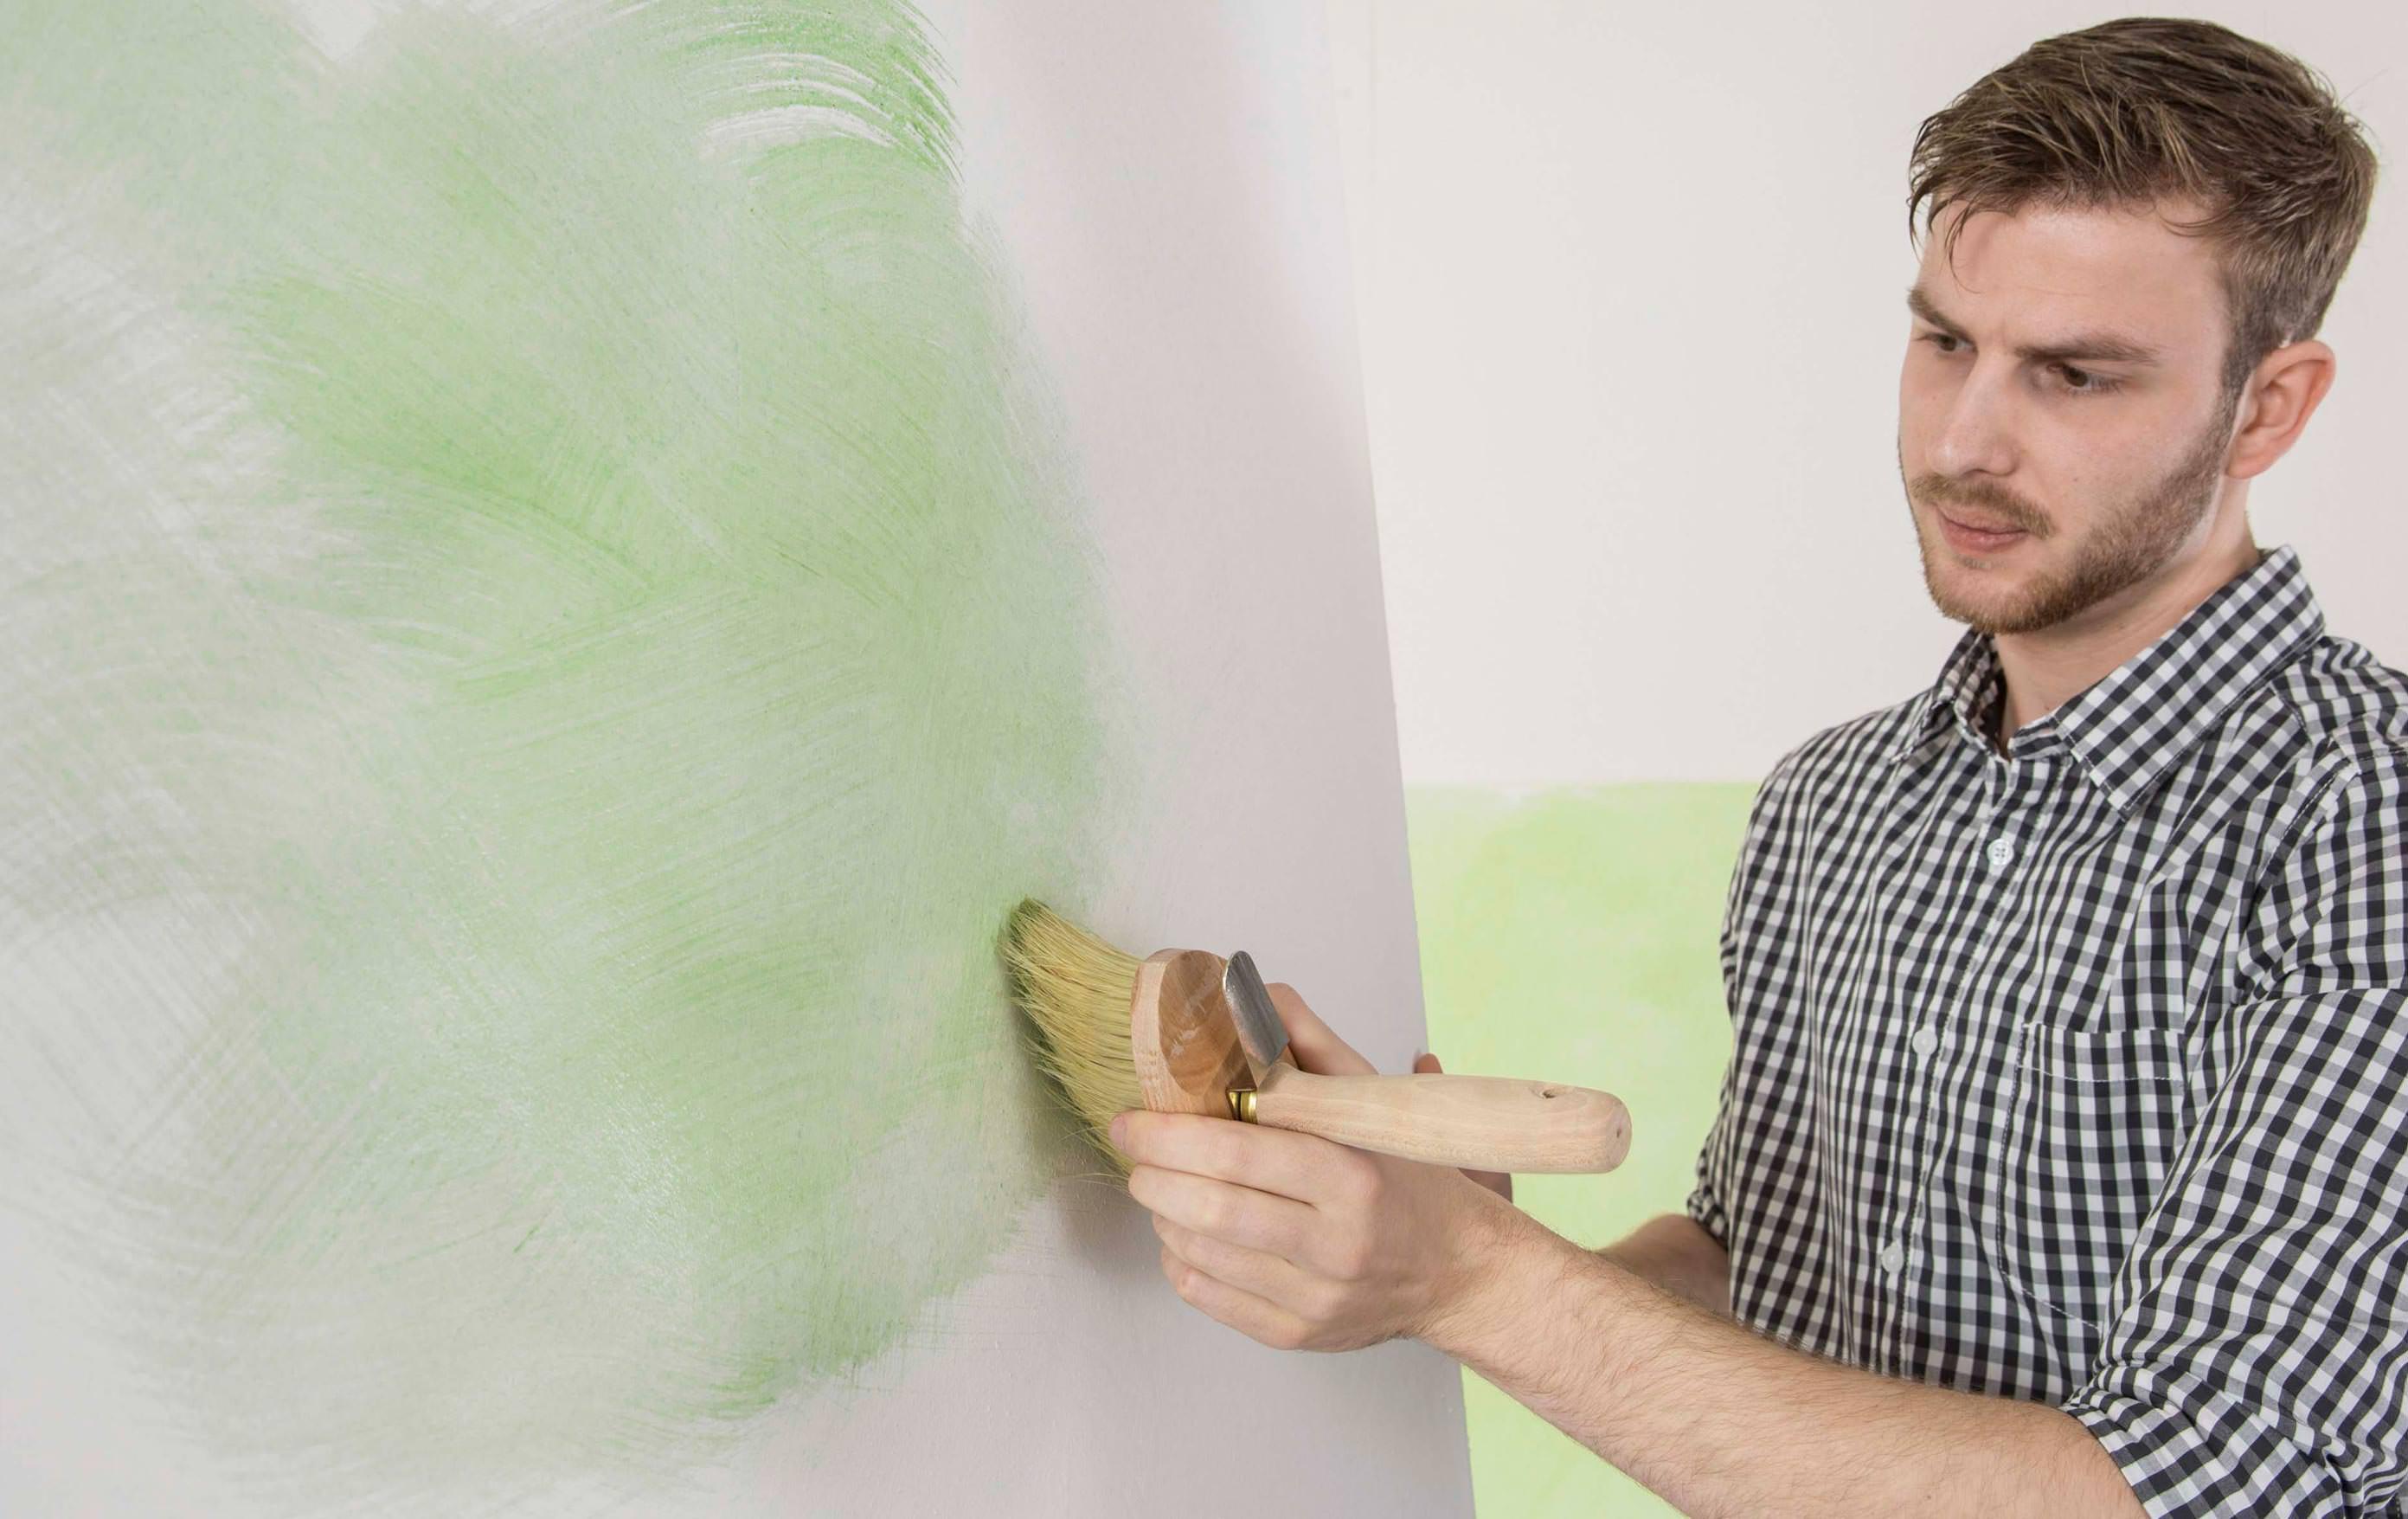 fr hlich intensiv leuchtende lasurfarben basierend auf pflanzlichen grundstoffen naturfarbe. Black Bedroom Furniture Sets. Home Design Ideas